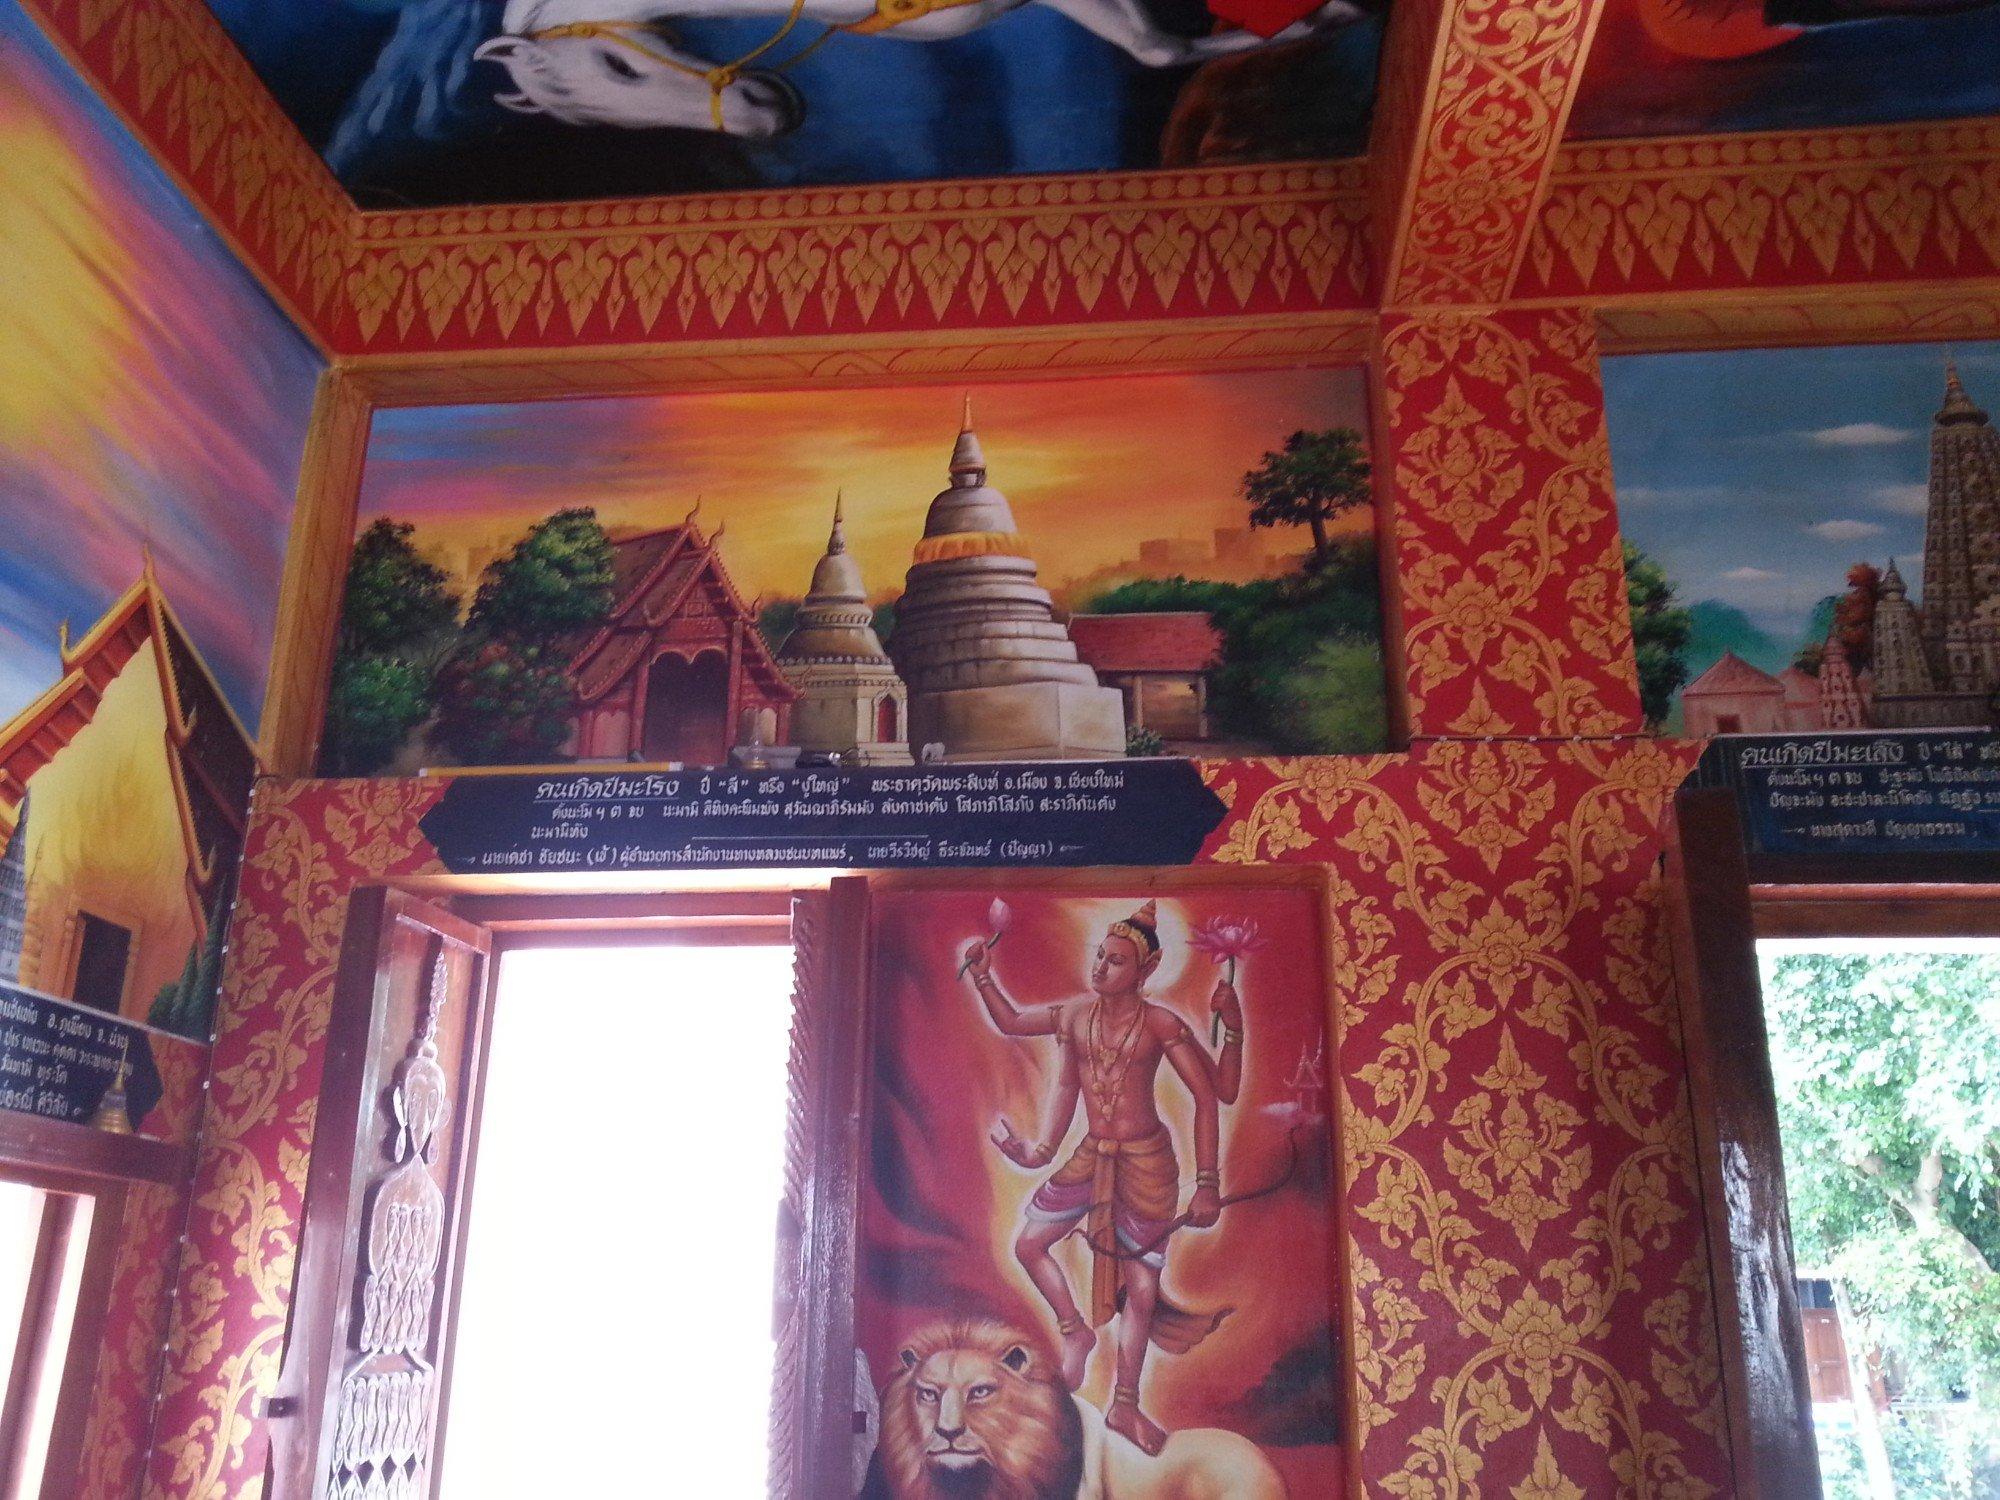 Wall murals at Wat Phong Sunan